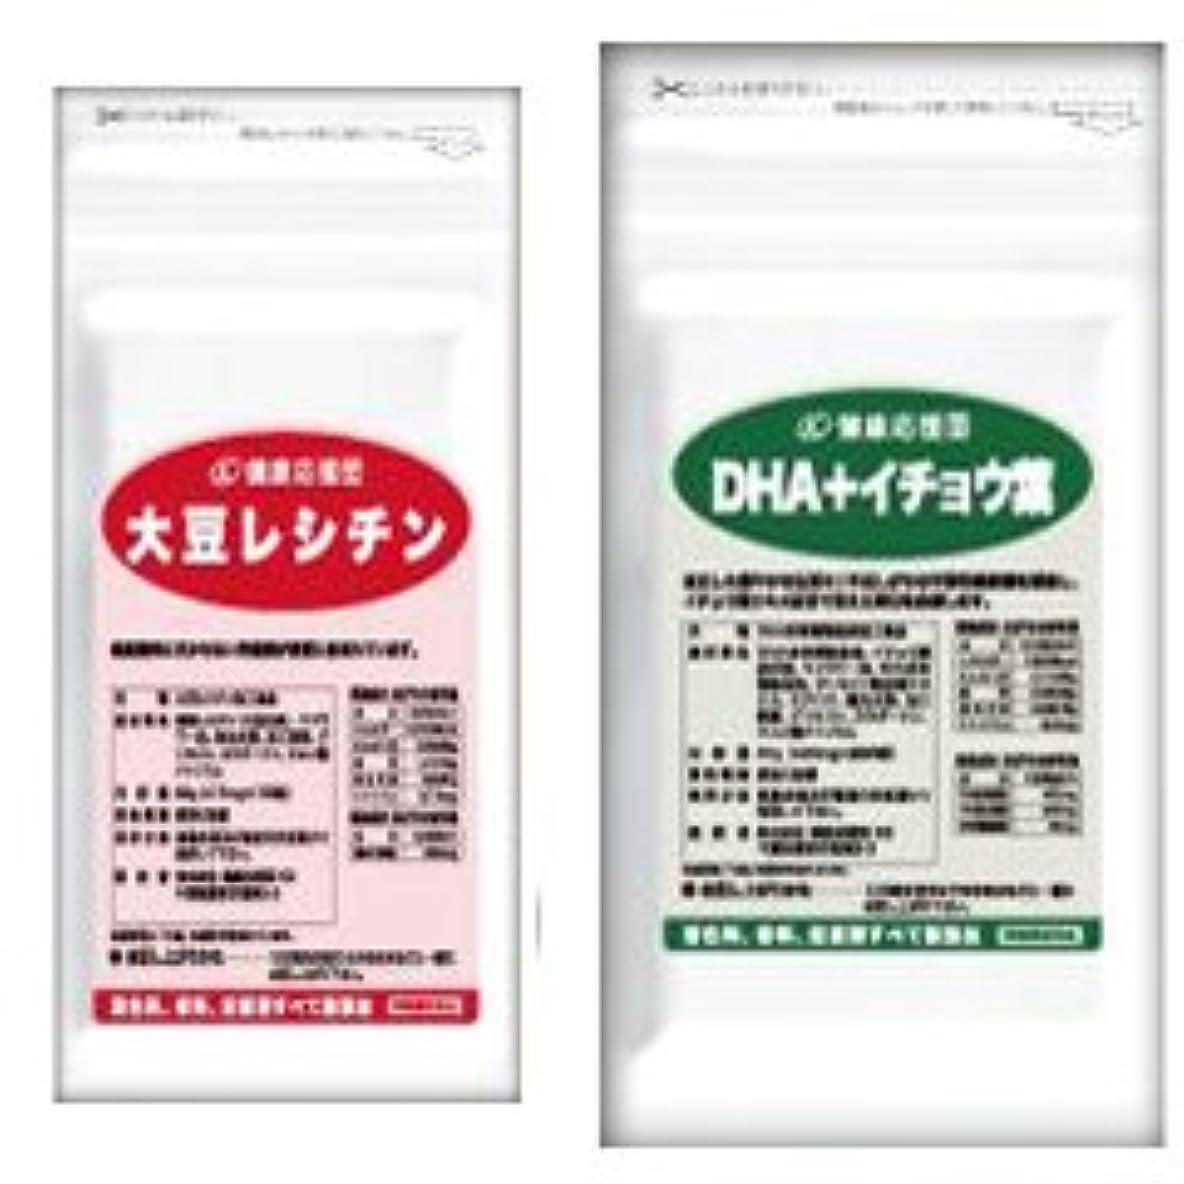 きらきら証明書古風な(お徳用3か月分)流れサラサラセット 大豆レシチン+(DHA+イチョウ葉)3袋&3袋セット(DHA?EPA?イチョウ葉)